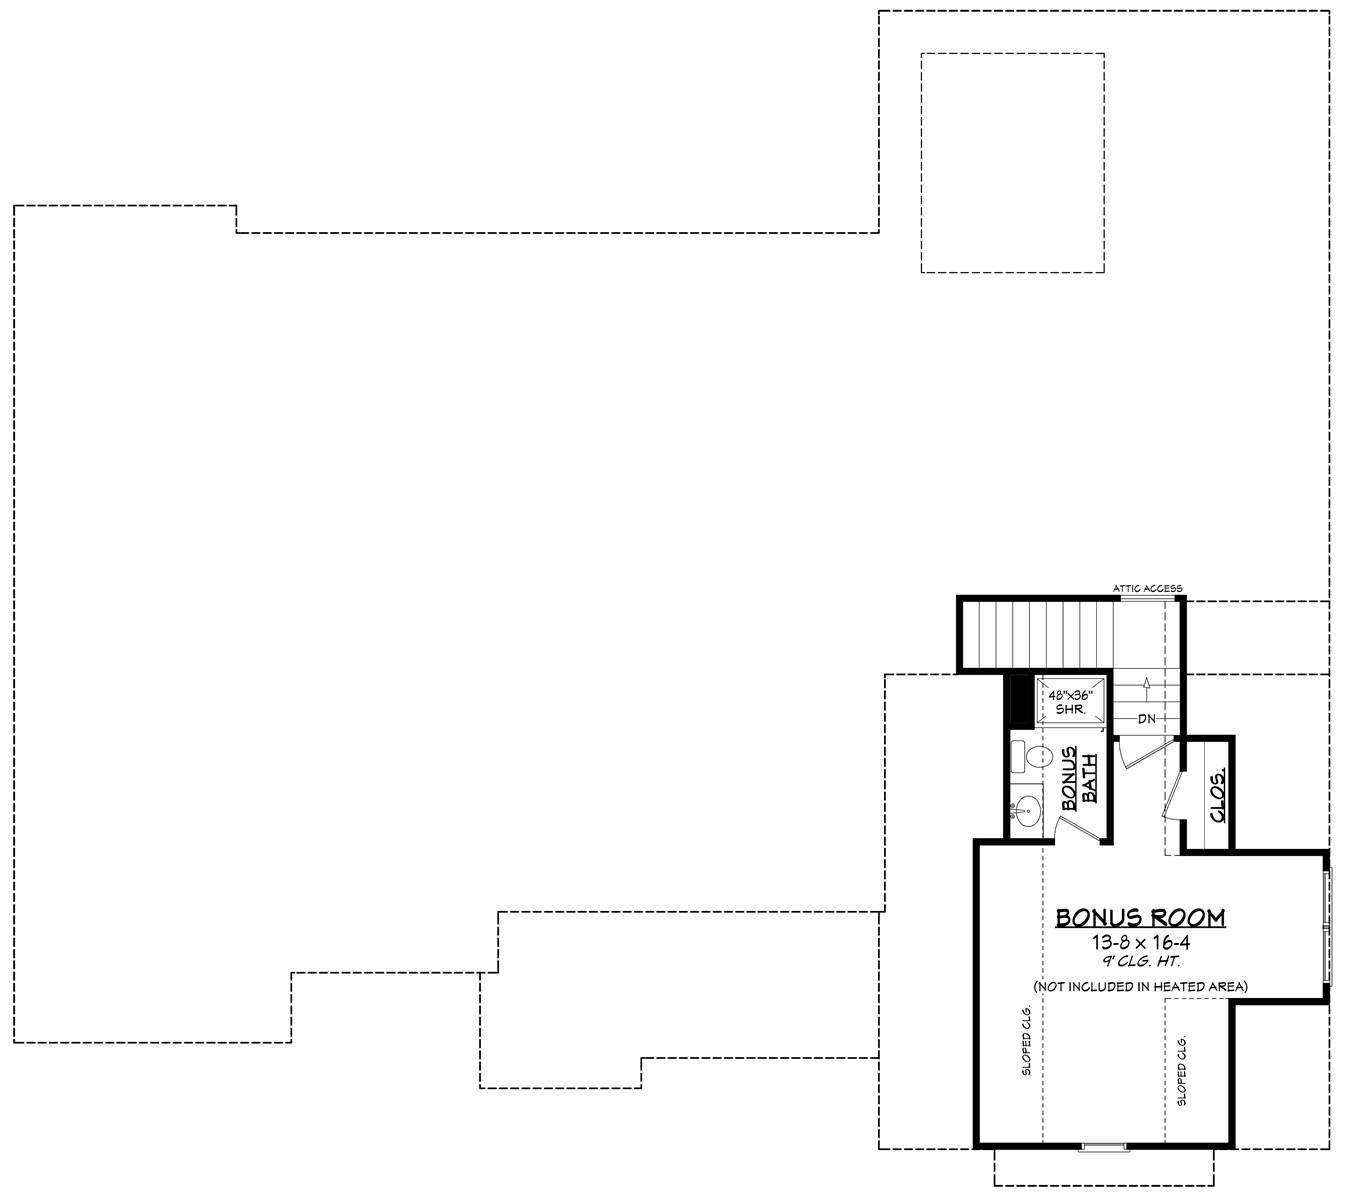 Bonus Plan image of Morning Trace House Plan